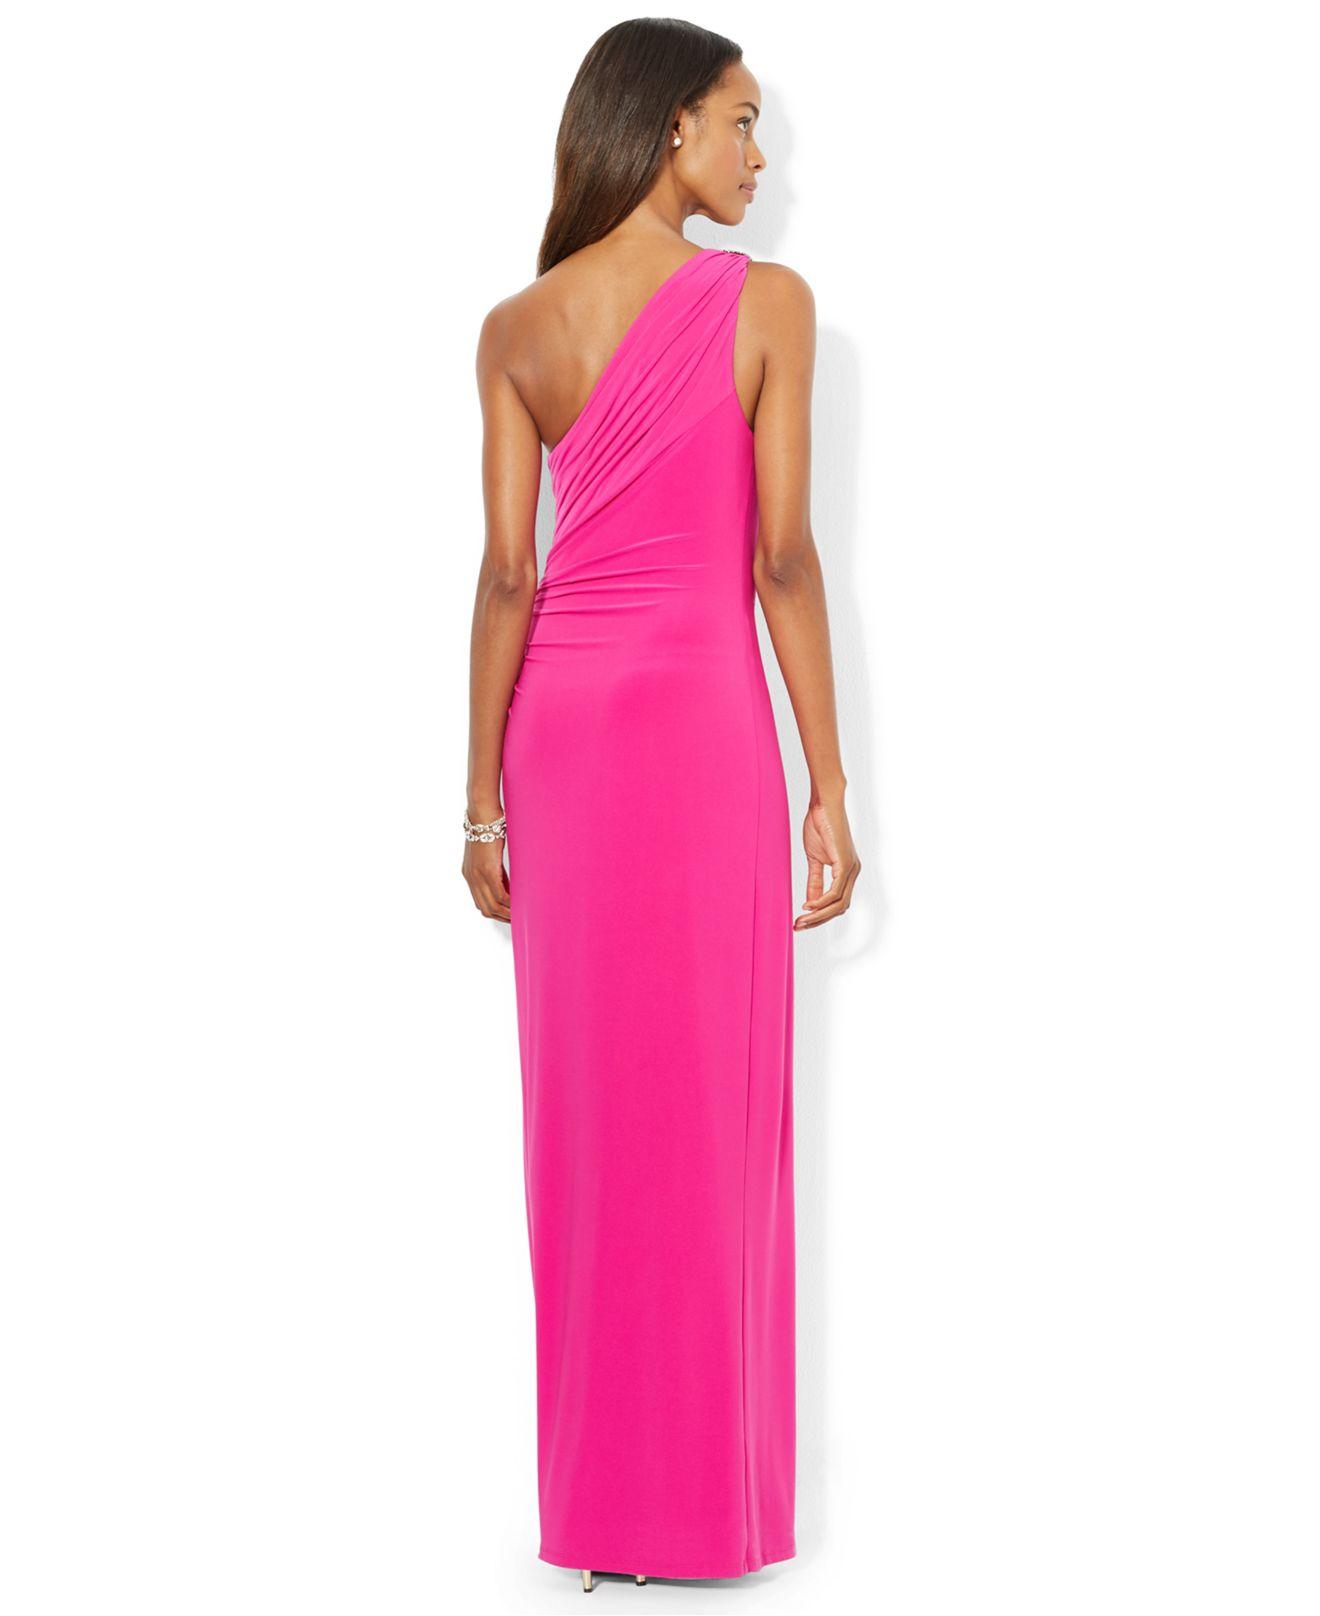 Lyst Lauren By Ralph Lauren One Shoulder Evening Gown In Pink